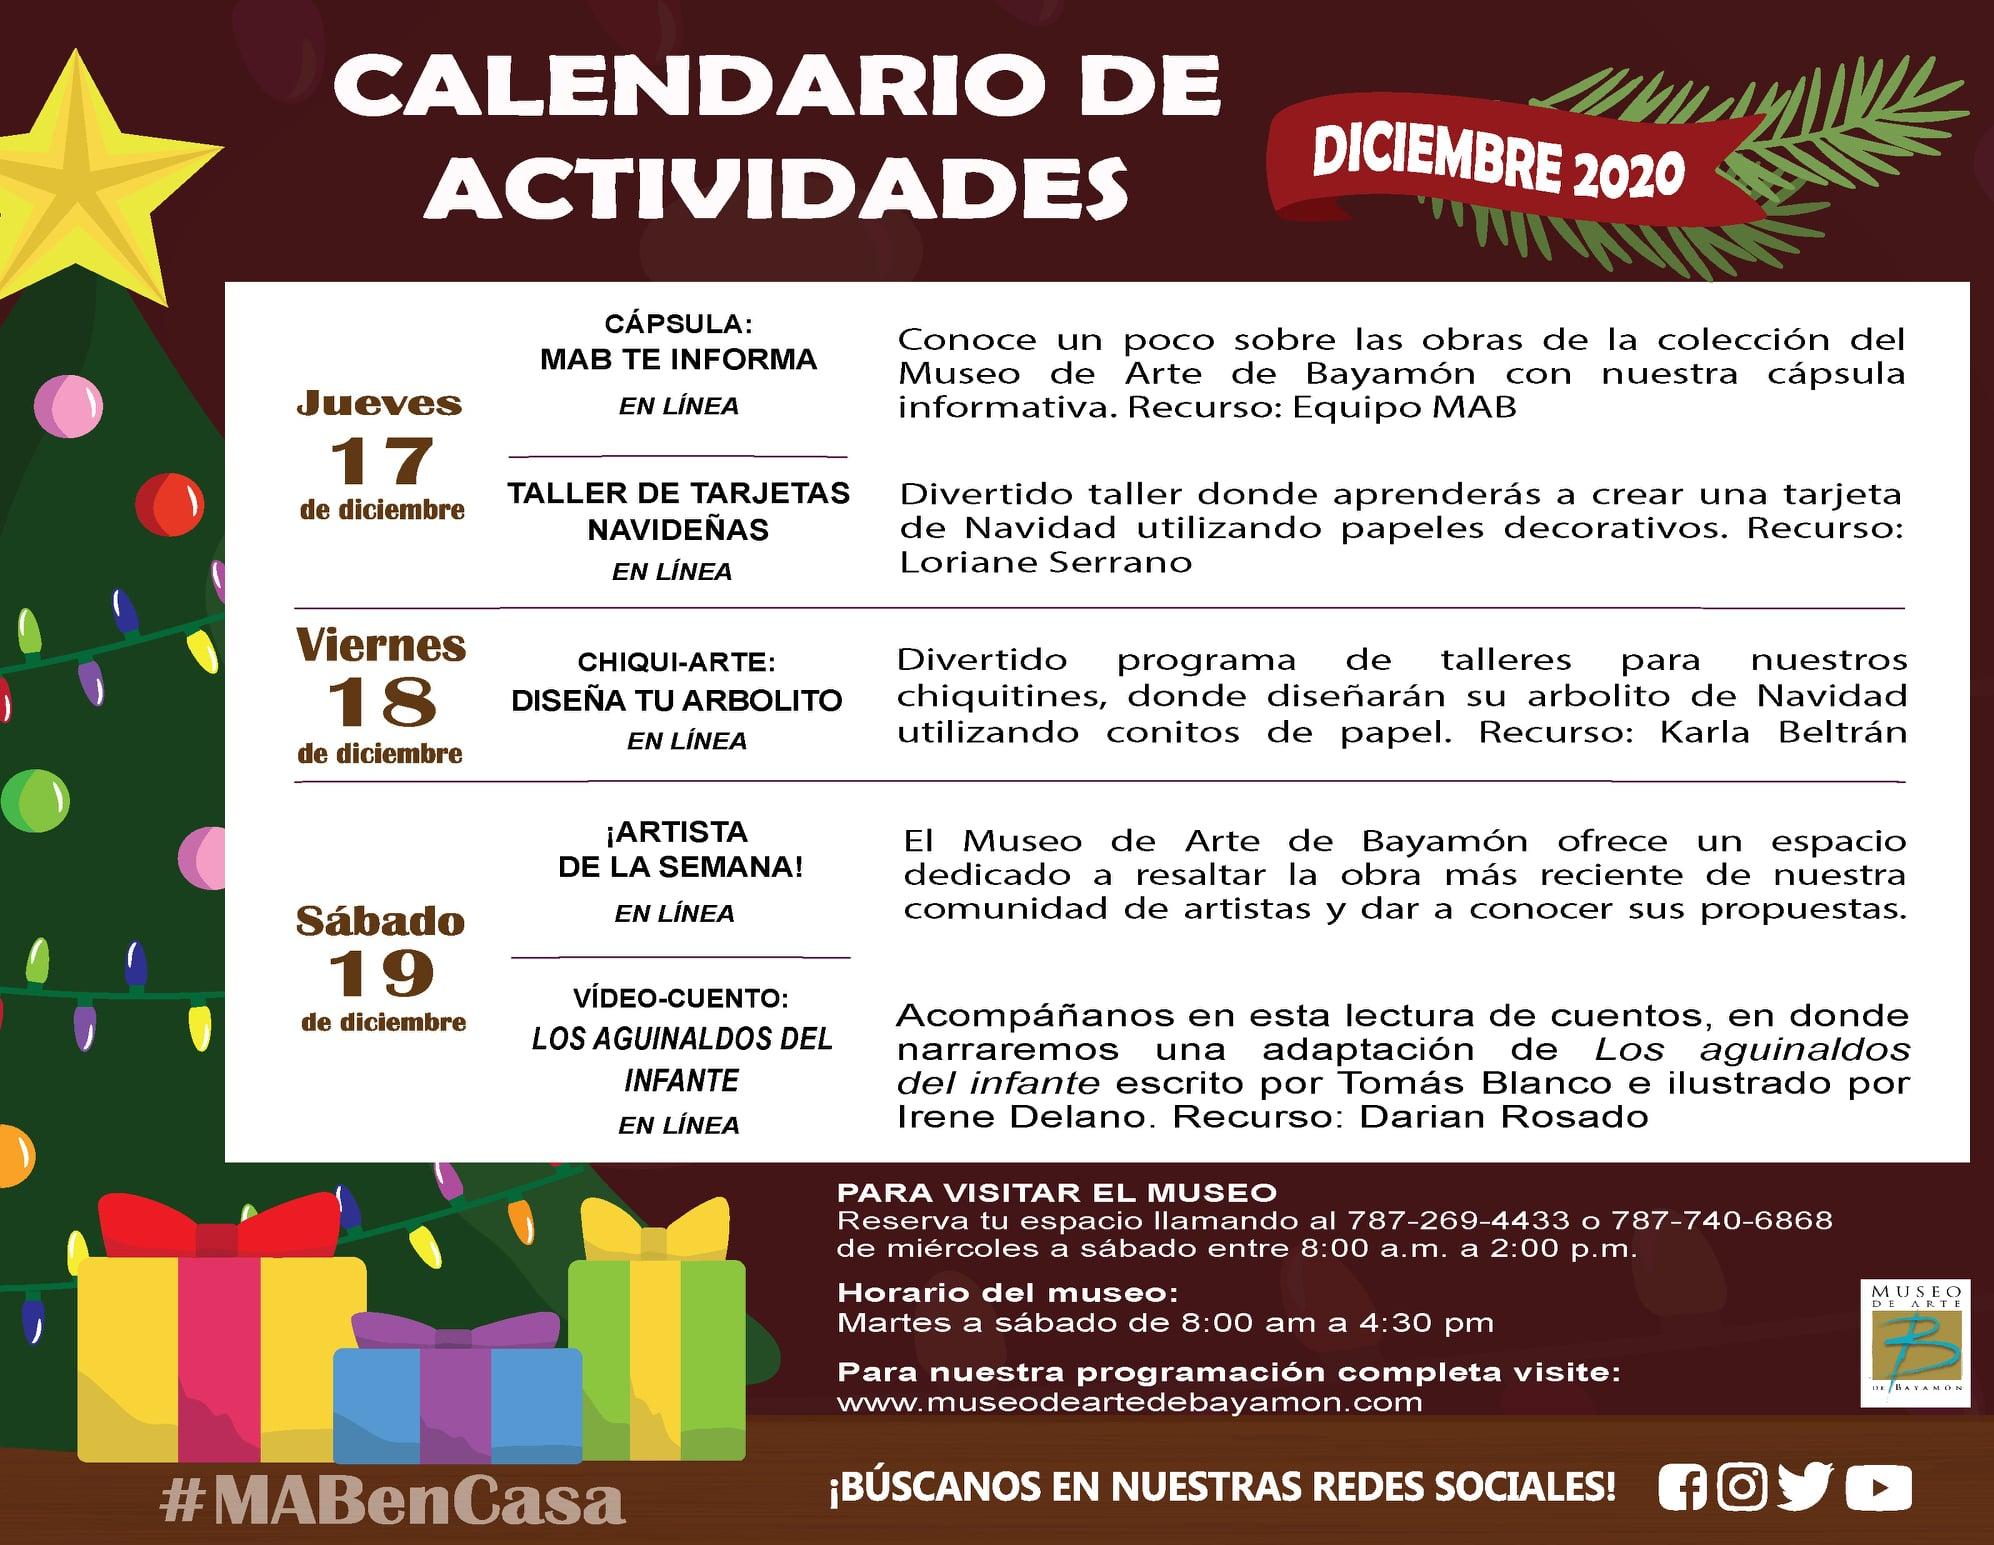 Calendario de Actividades #MABenCasa